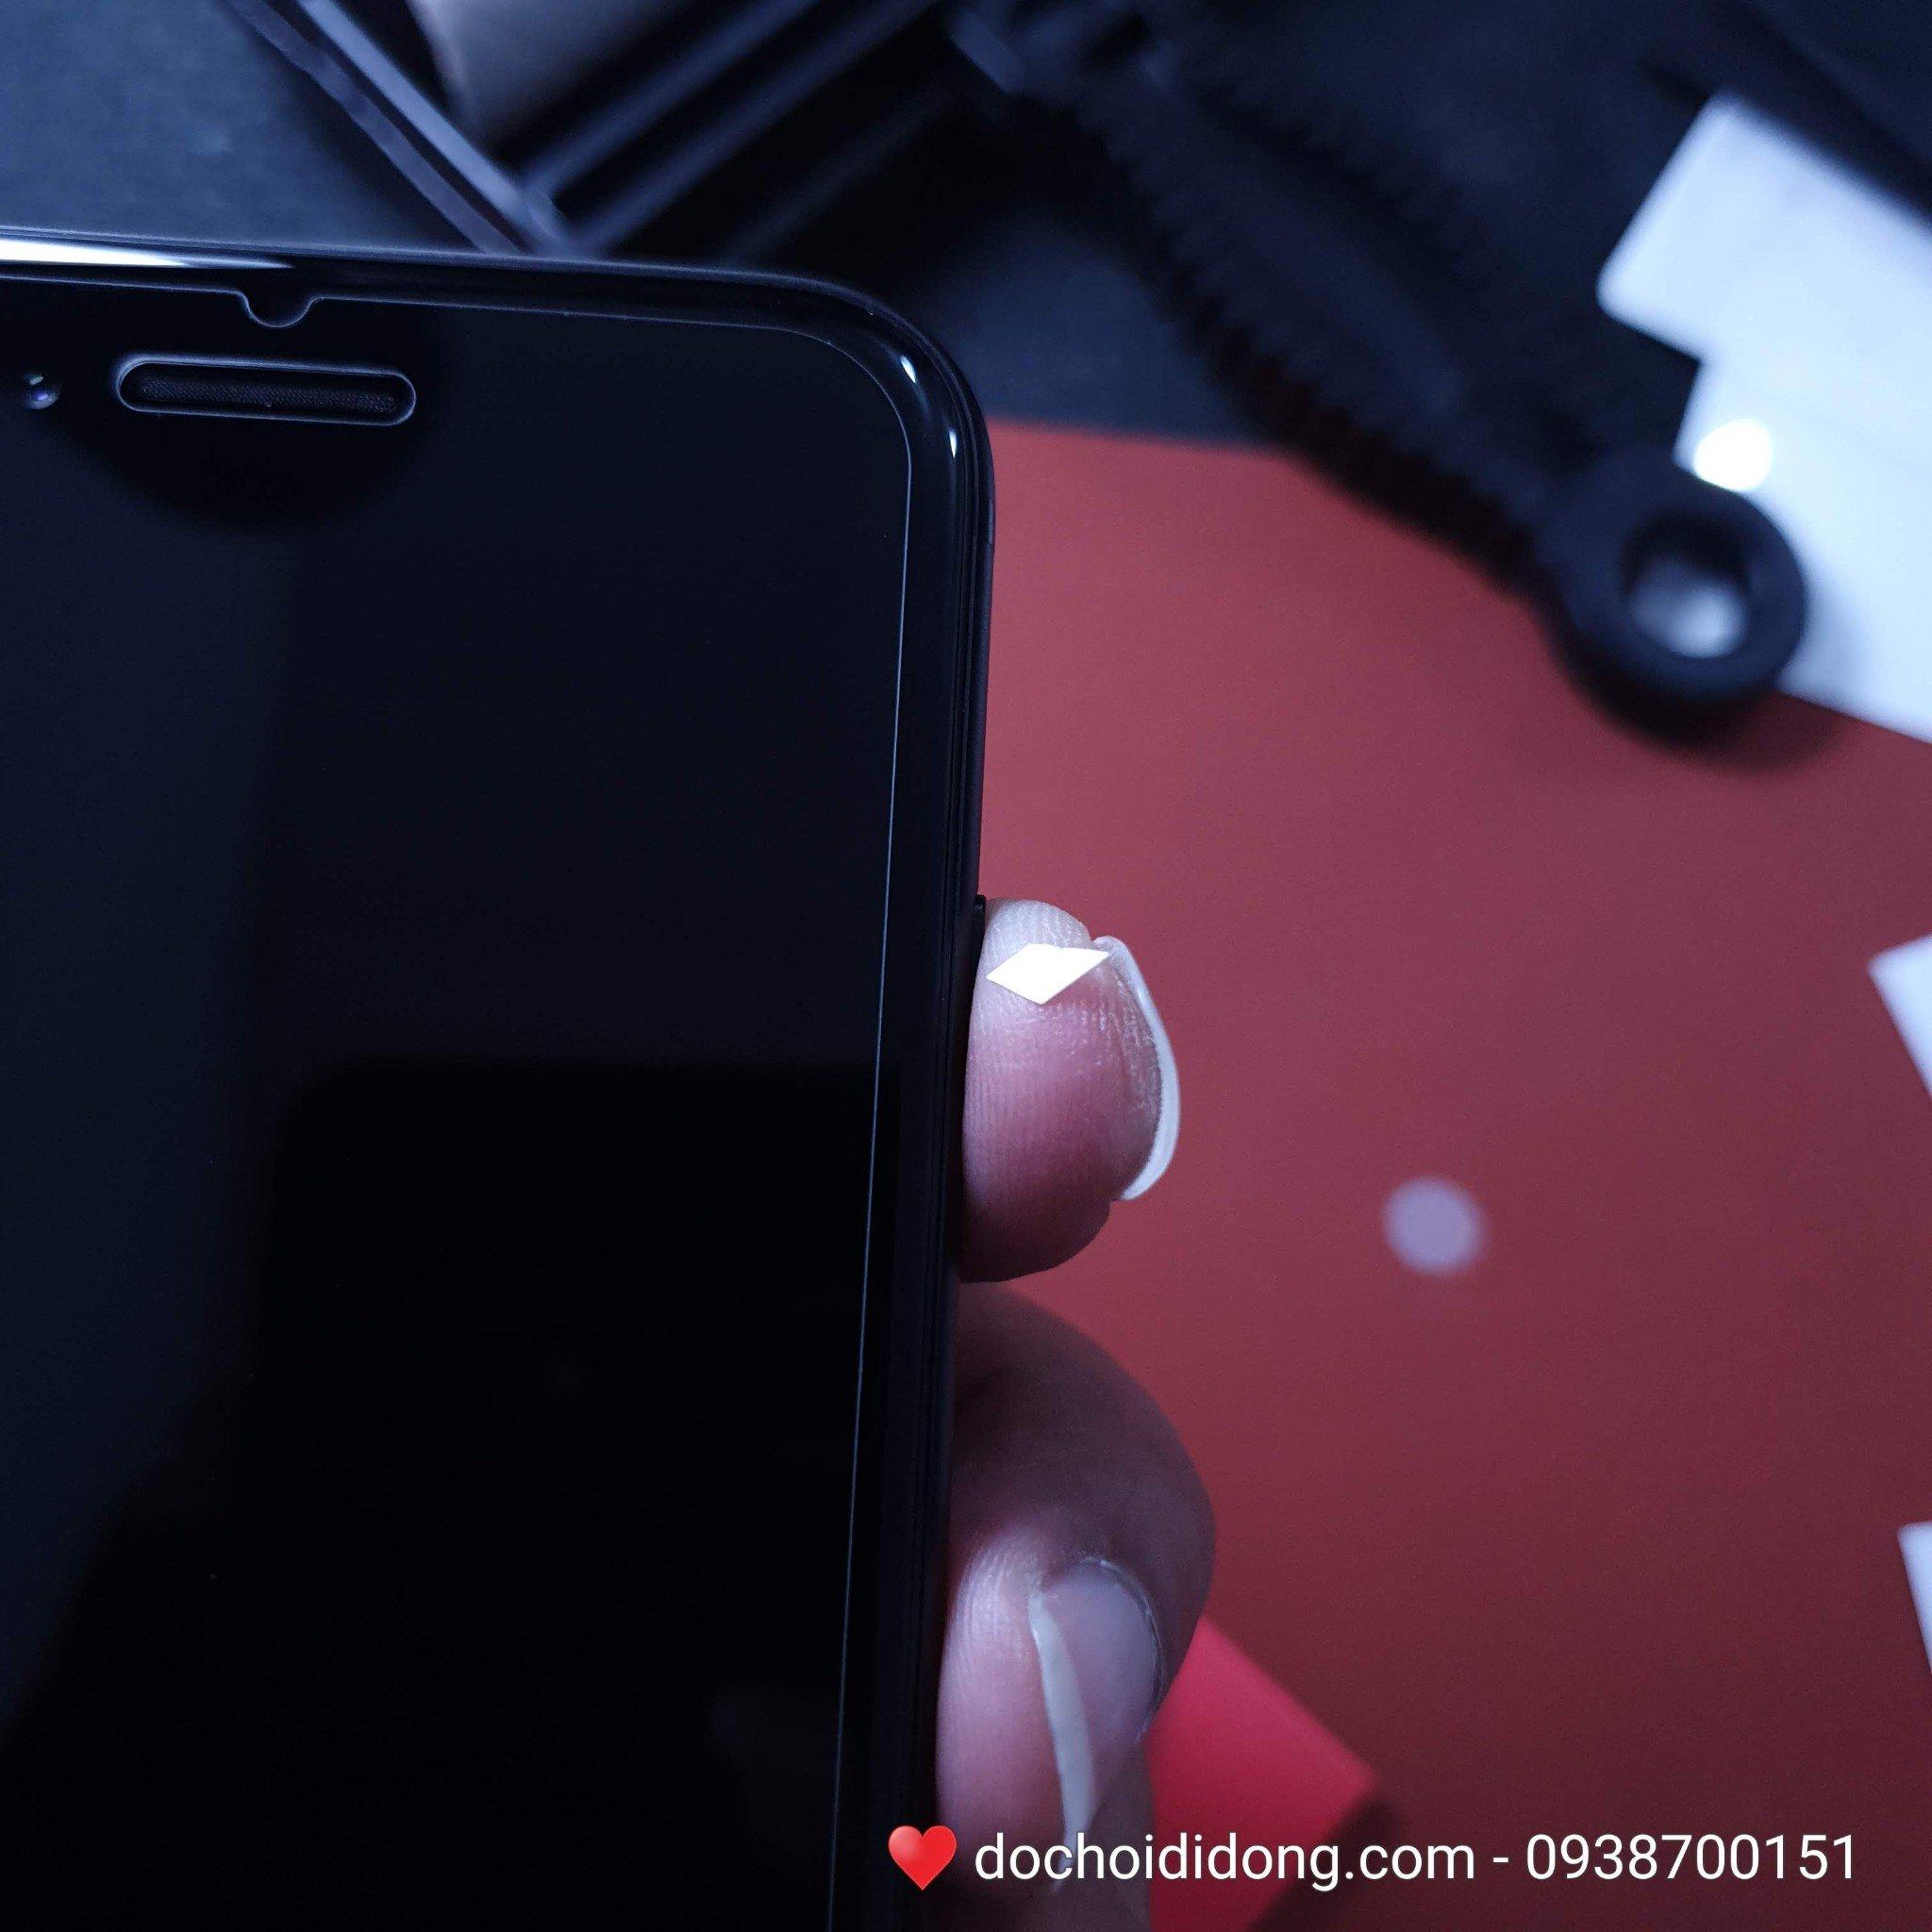 mieng-dan-cuong-luc-iphone-6-7-8-plus-zacase-super-slim-sieu-mong-0-15mm